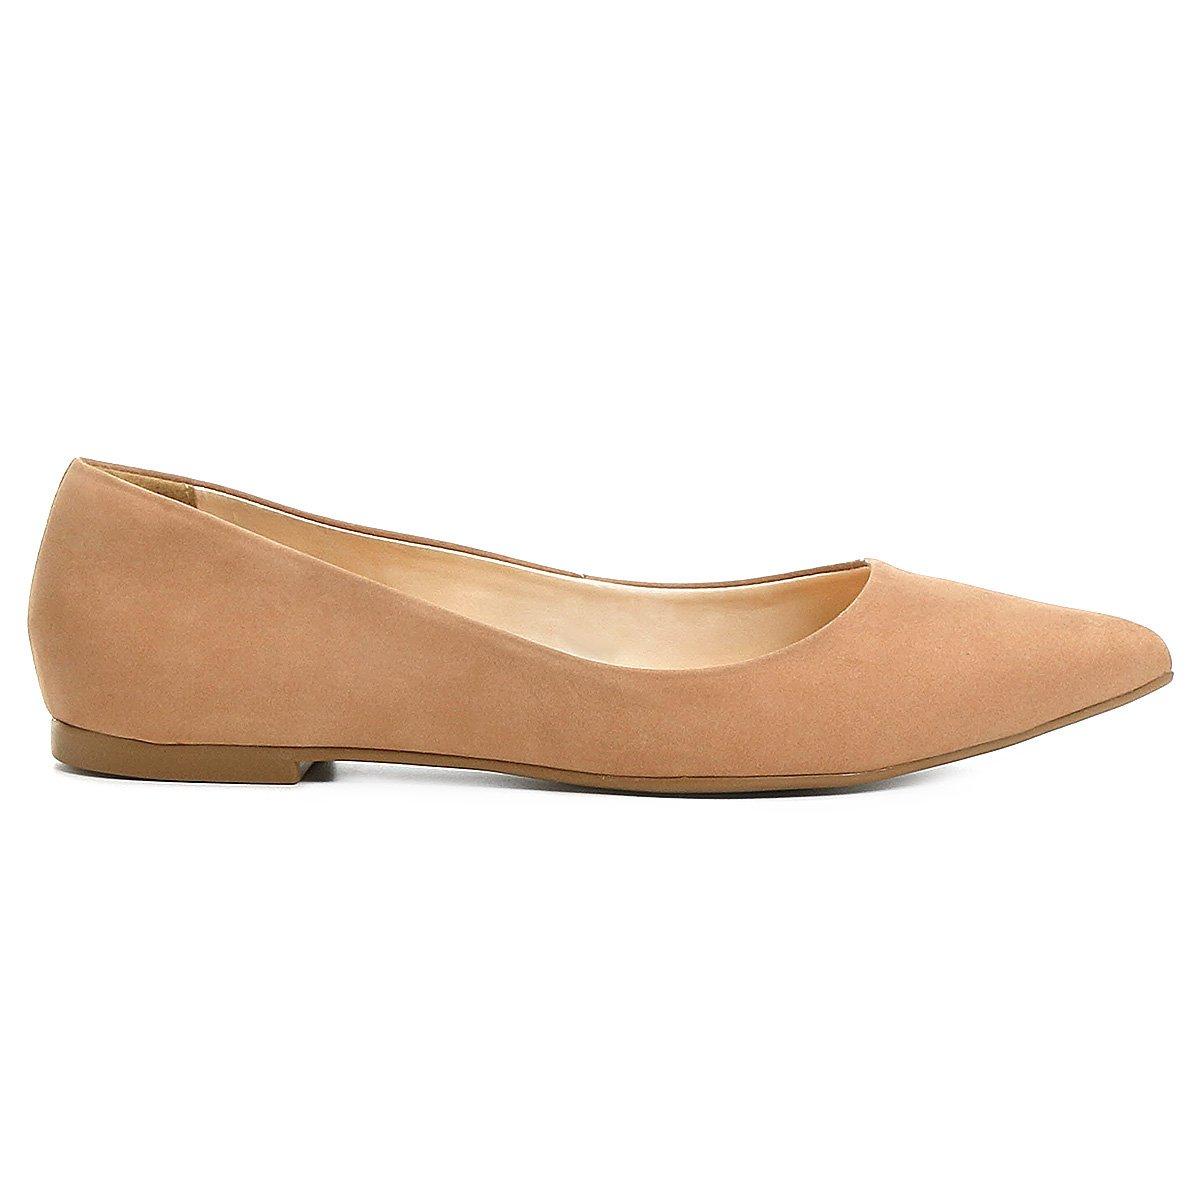 2127b0e88b6 Sapatilha Couro Shoestock Bico Fino Nobuck Feminina - Compre Agora ...